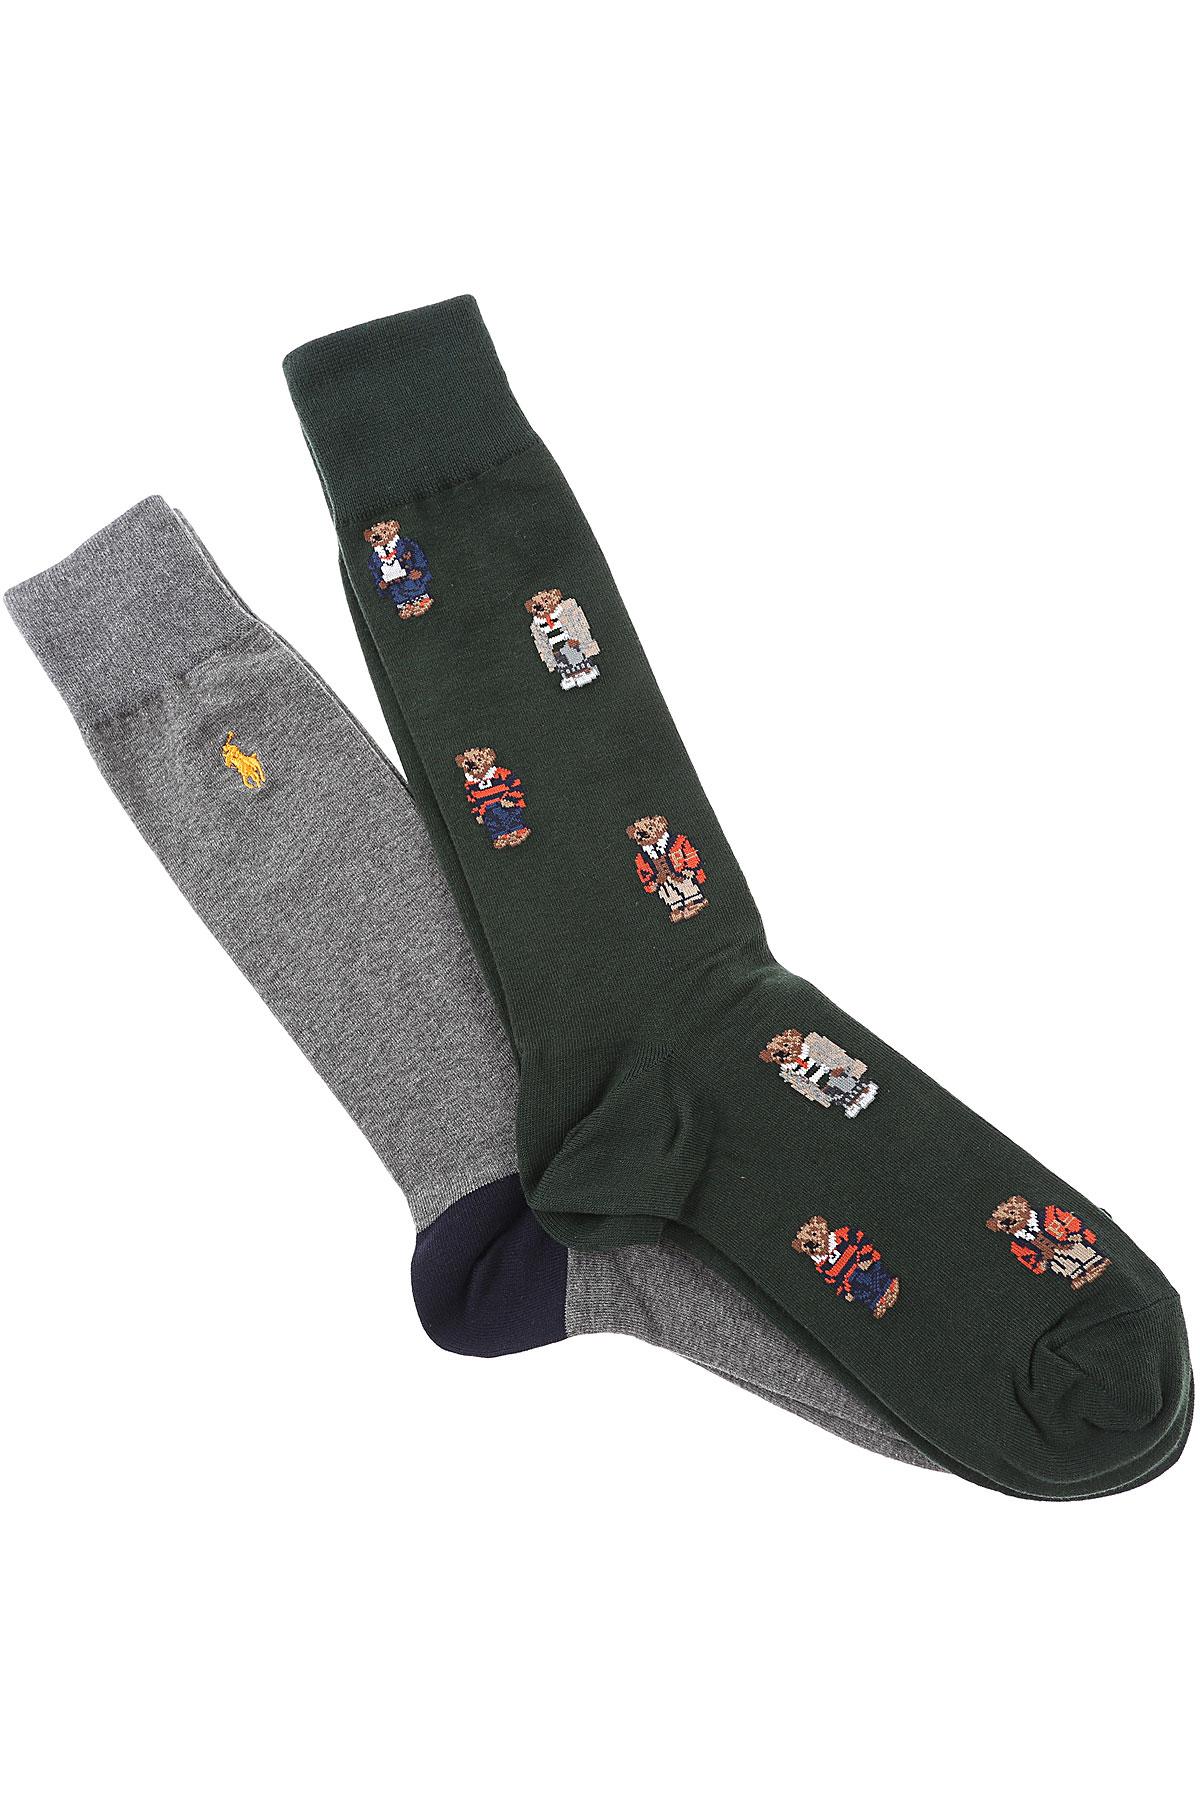 Ralph Lauren Socks Socks for Men, 2 Pack, Forest Green, Cotton, 2019